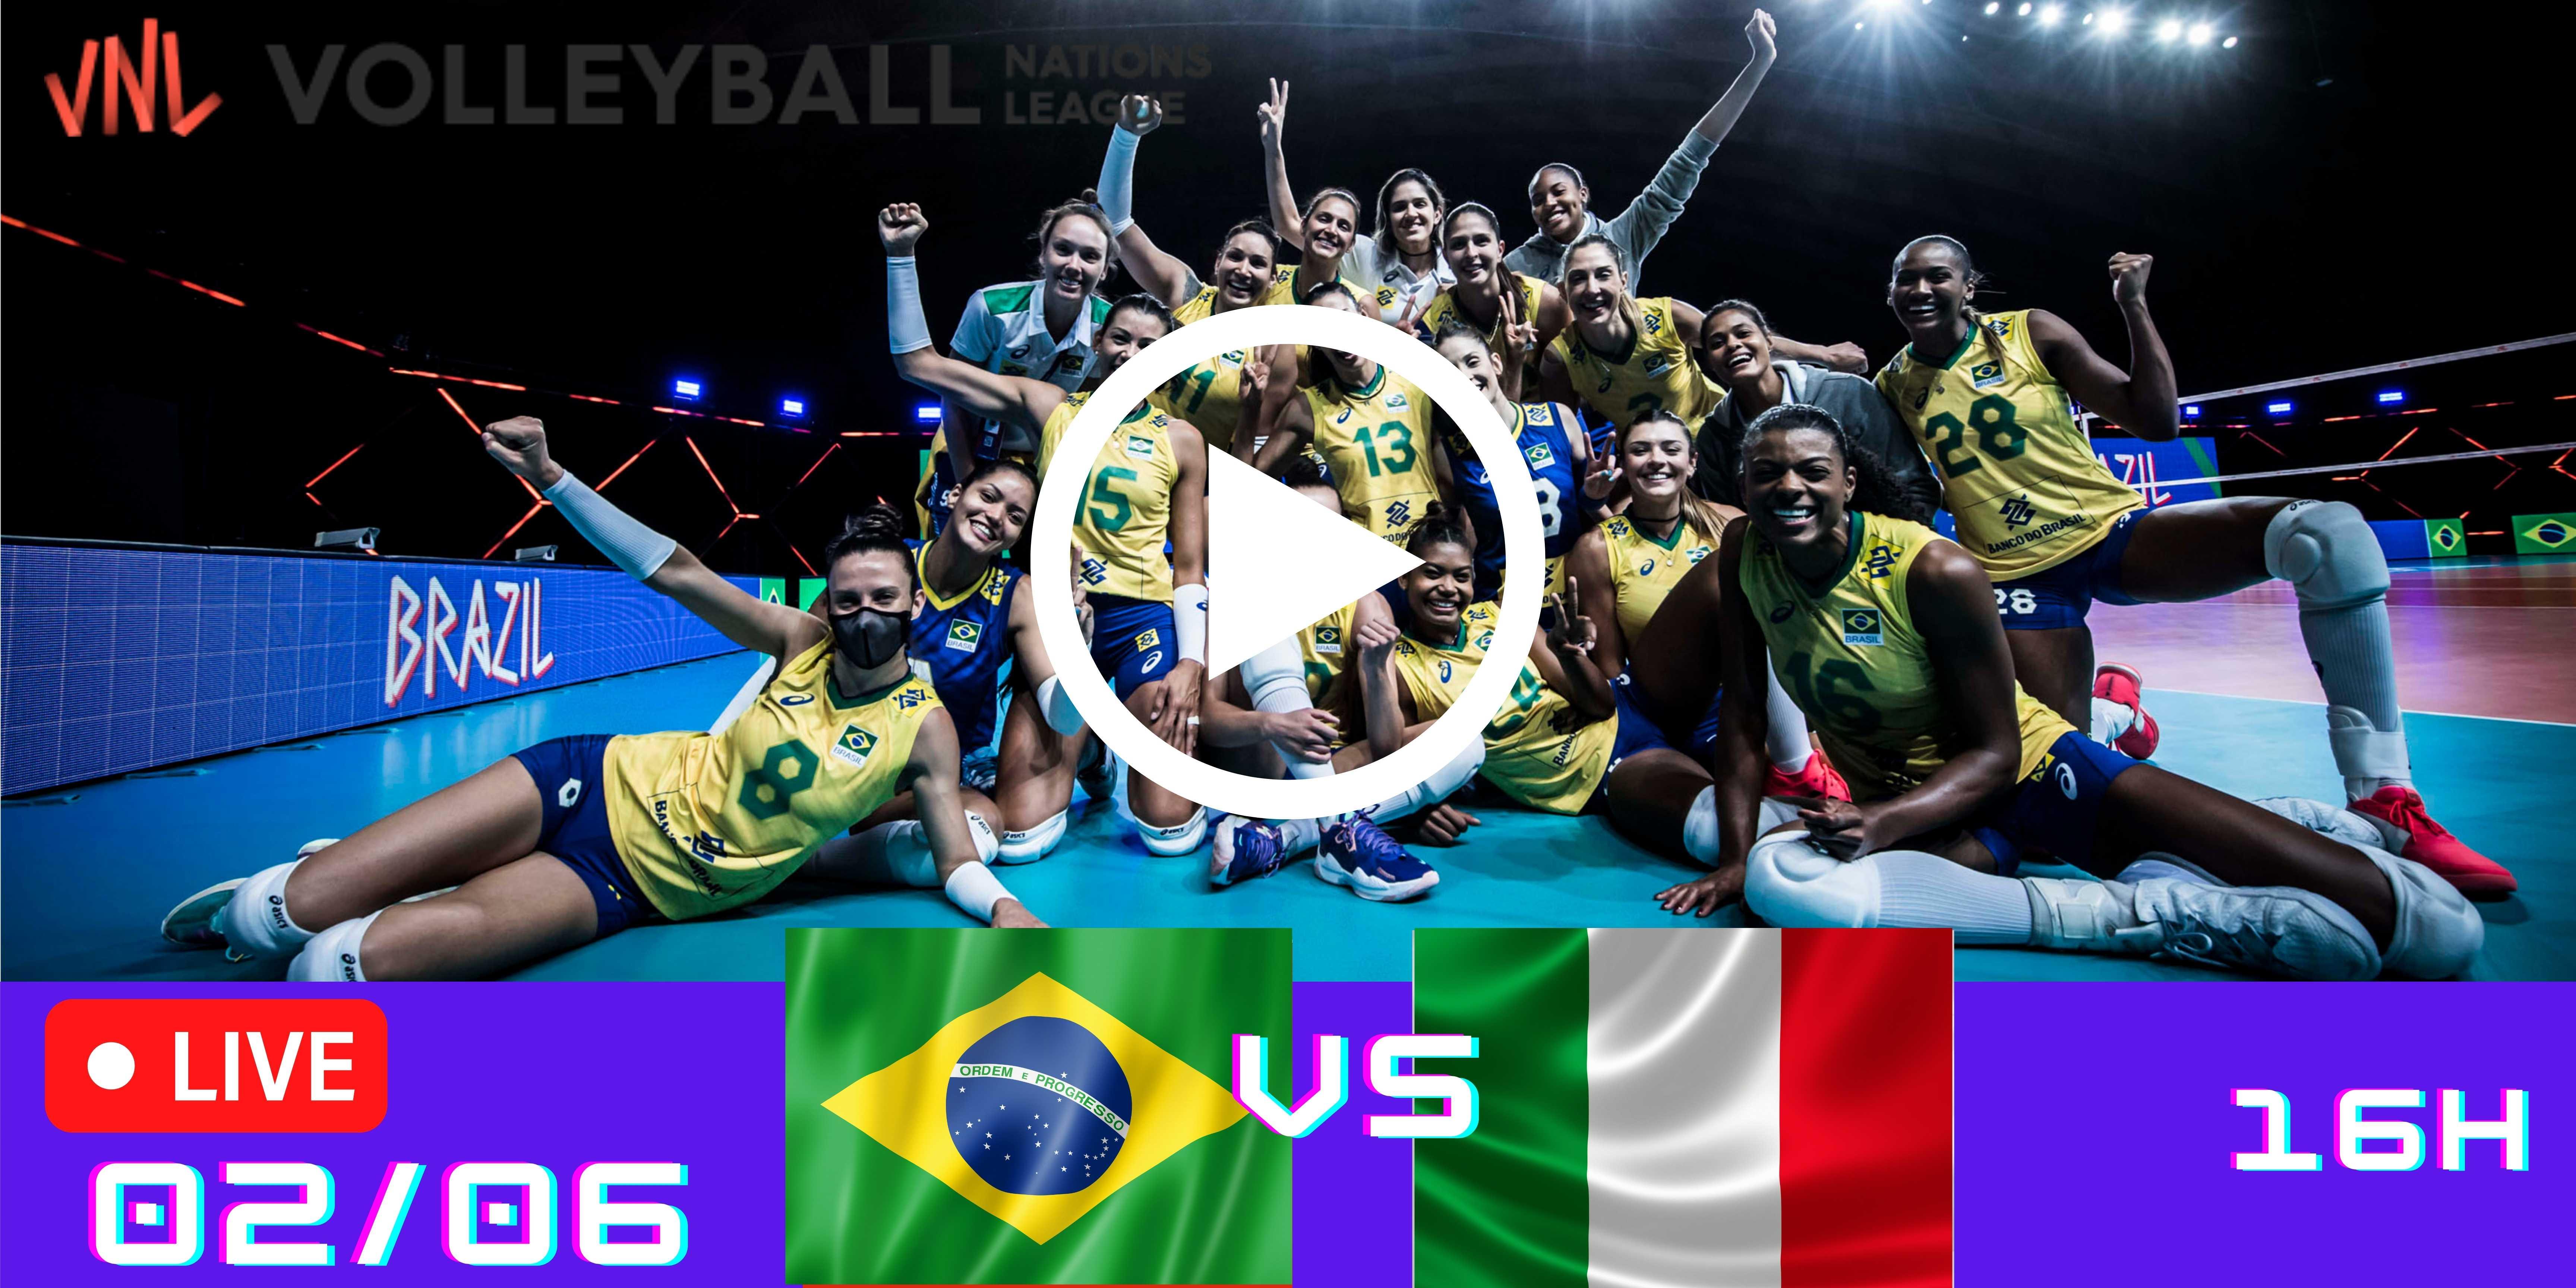 Resultado: Brasil 3 vs 1 Itália – Liga das Nações – 02/06 – 16h